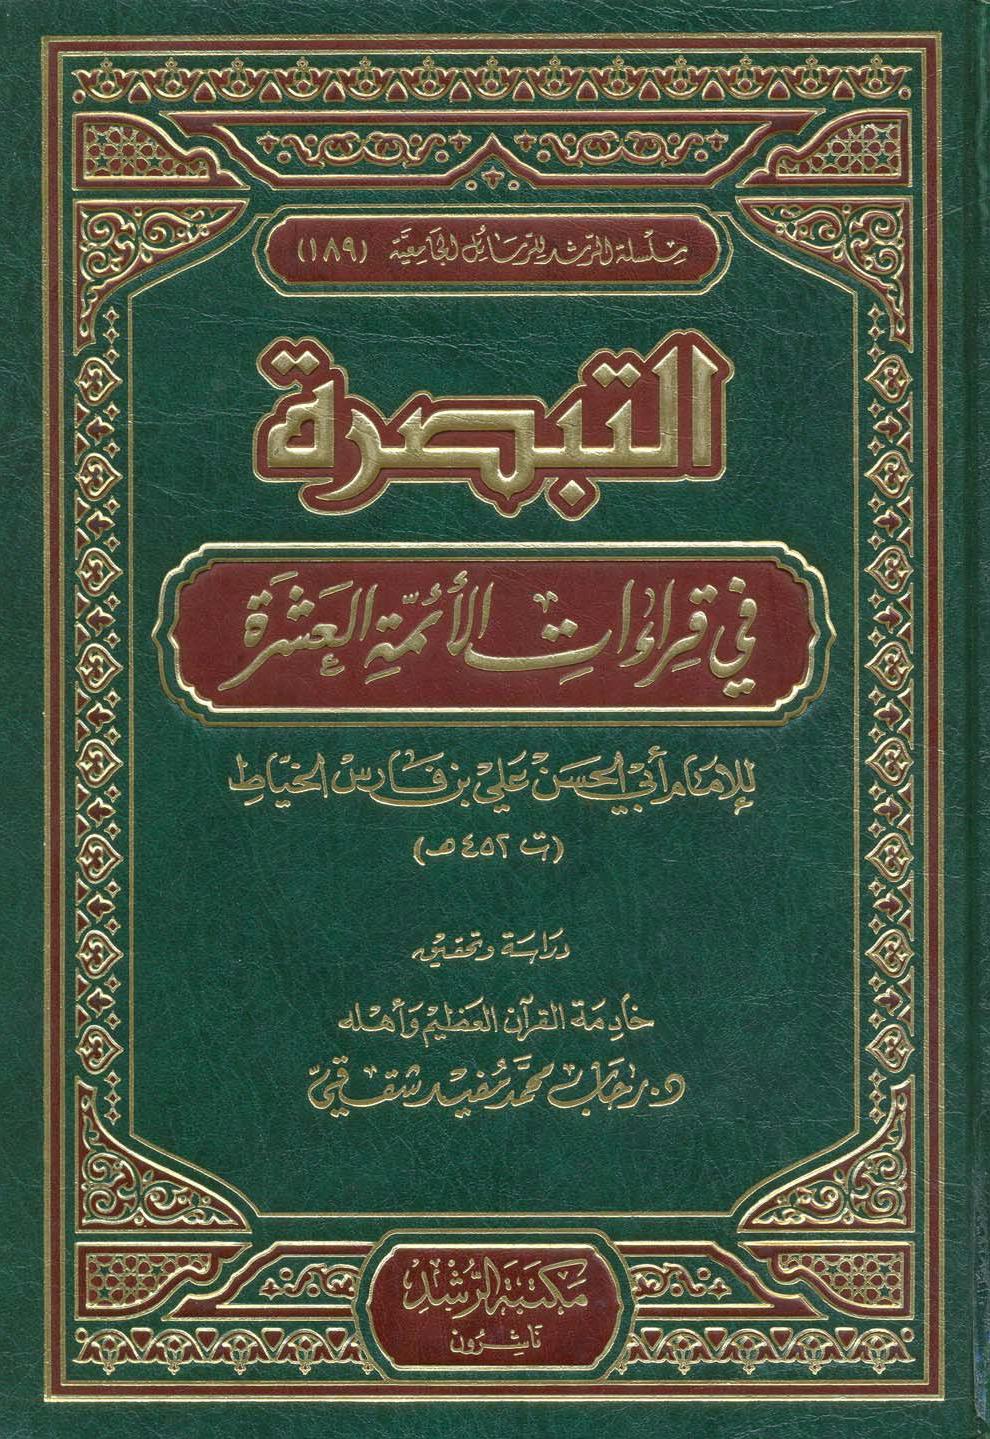 تحميل كتاب التبصرة في قراءات الأئمة العشر لـِ: الإمام أبو الحسن علي بن محمد بن علي بن فارس الخيَّاط البغدادي (ت 452)